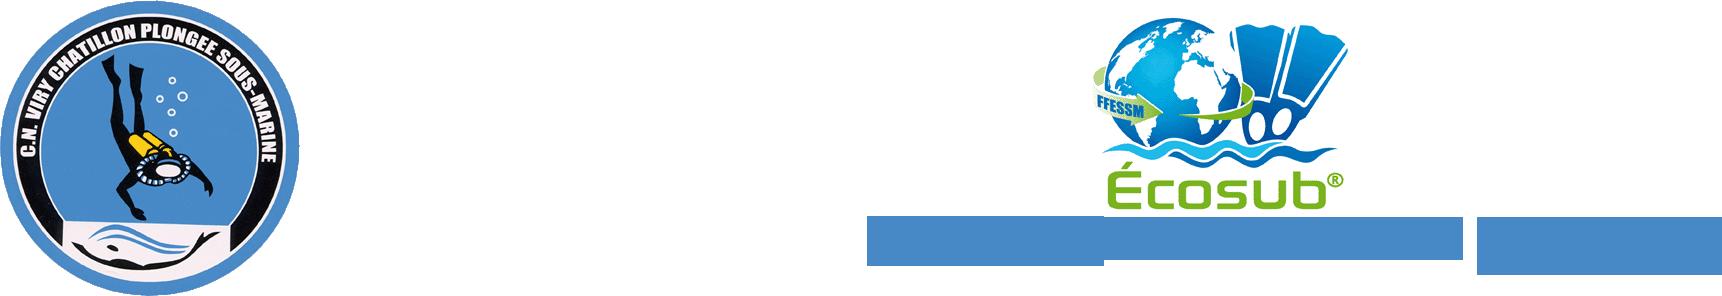 CNV Plongée sous-marine